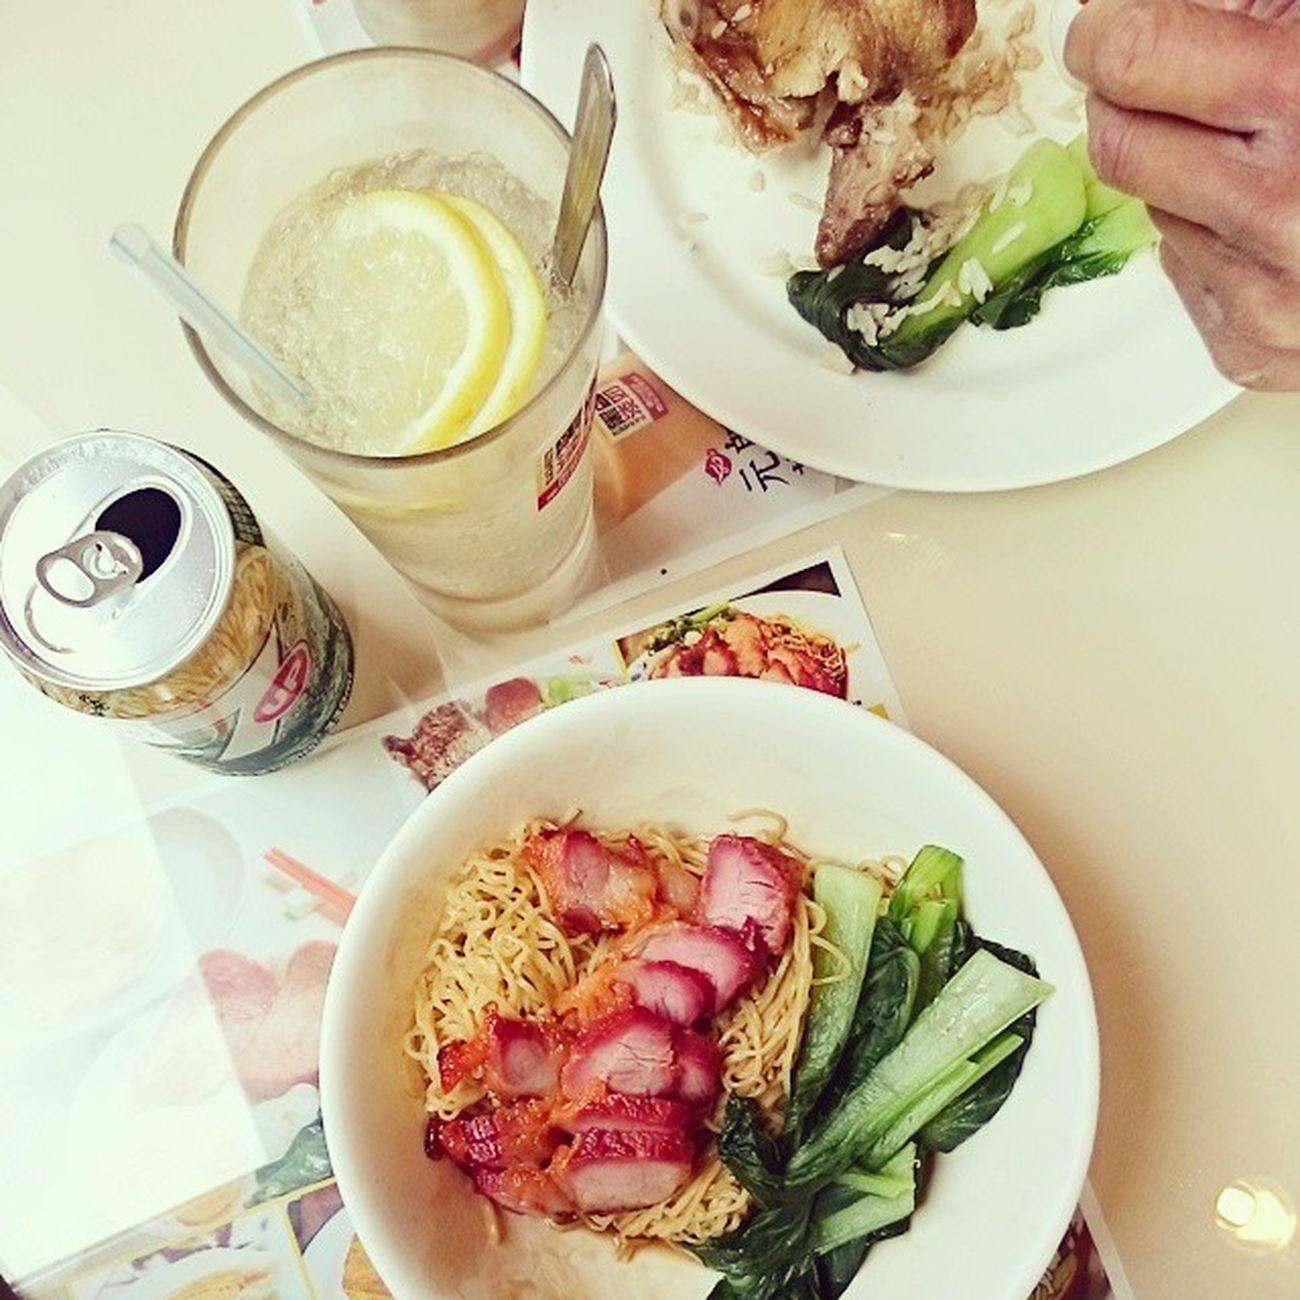 老游囔囔著新竹好像沒有像板橋皇家香港茶餐廳的店,這不就找到了,好食耶,店員再跩一點就有像了😁 元朗茶餐廳 凍檸七 叉燒撈麵 hsinchu 金山街